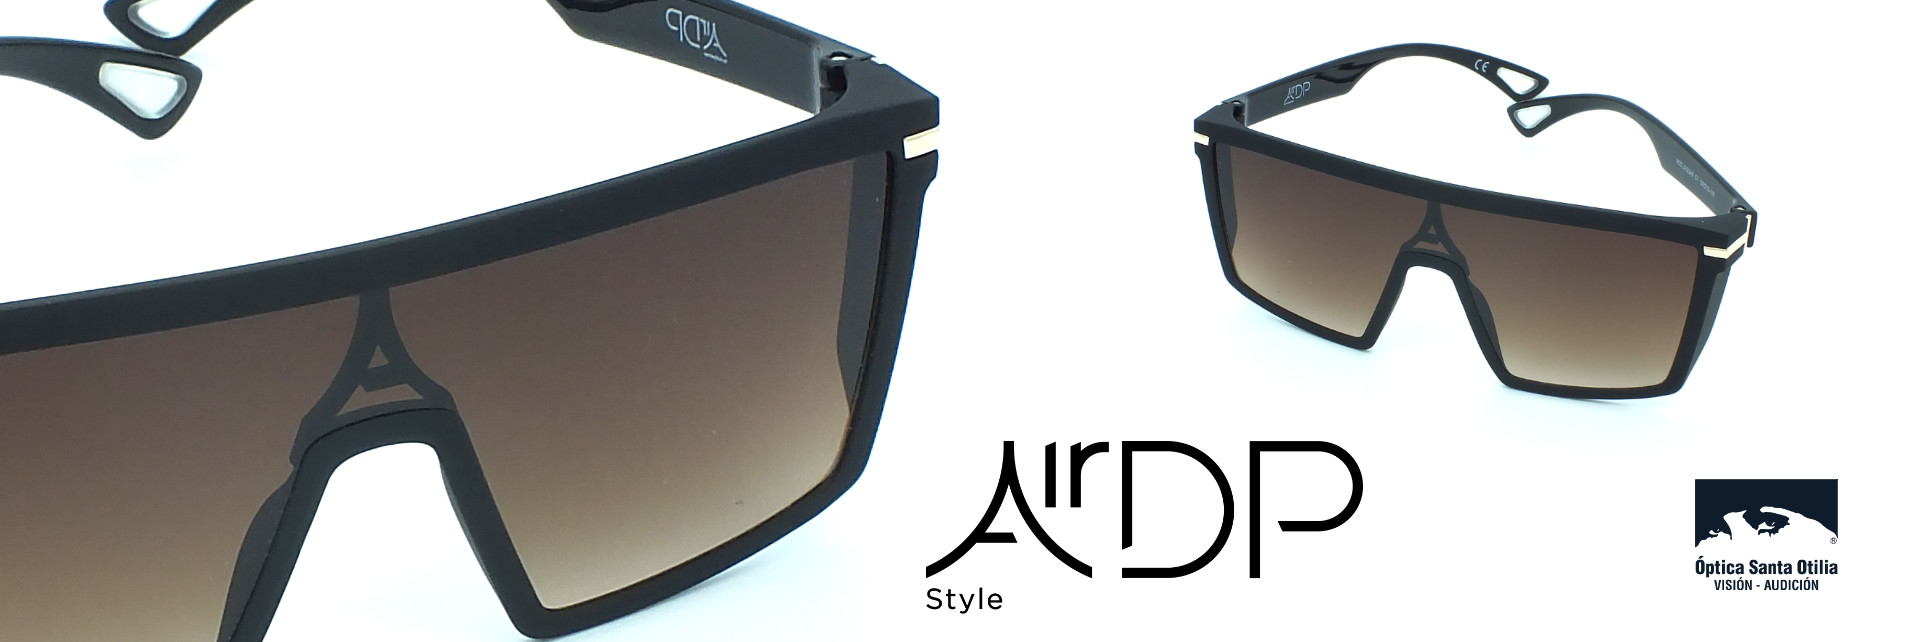 Air_DP